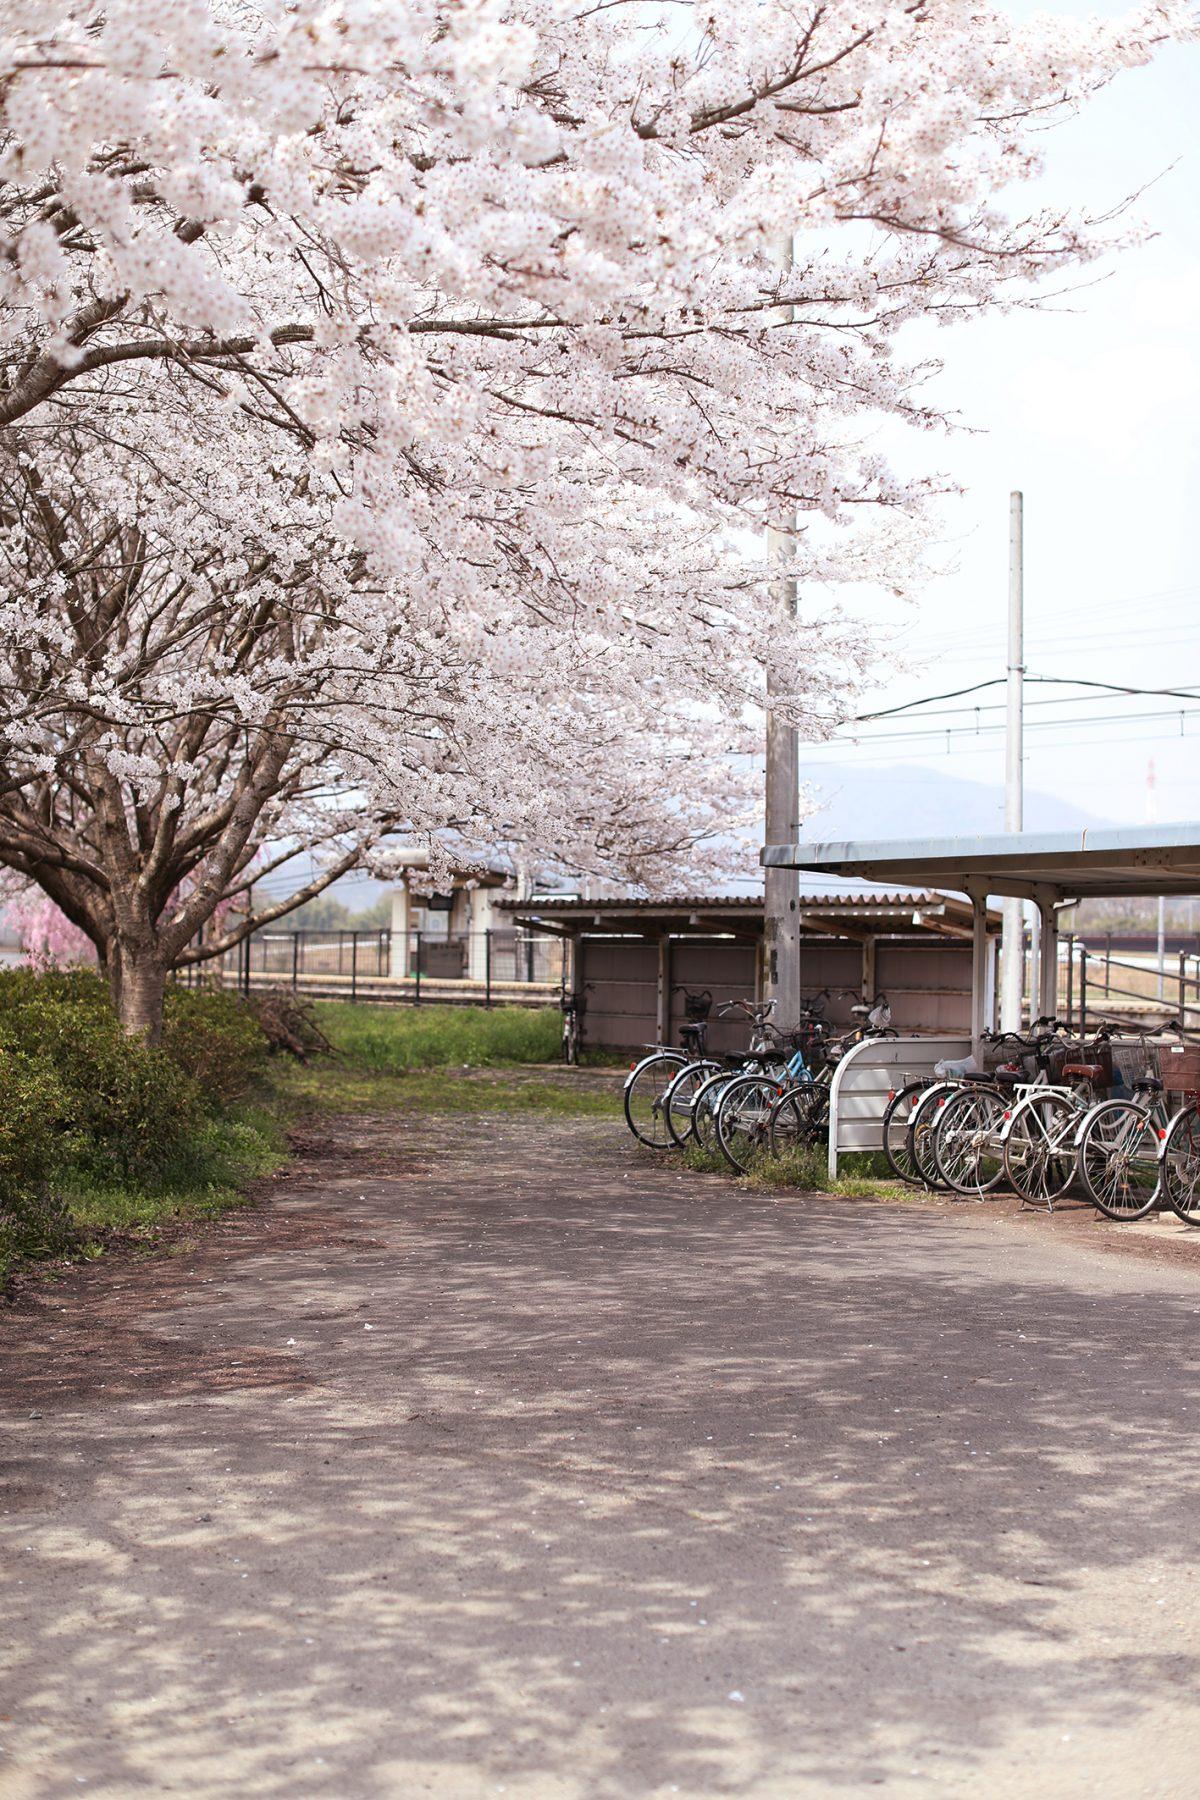 2018.4.2【桜】綾部市高津町